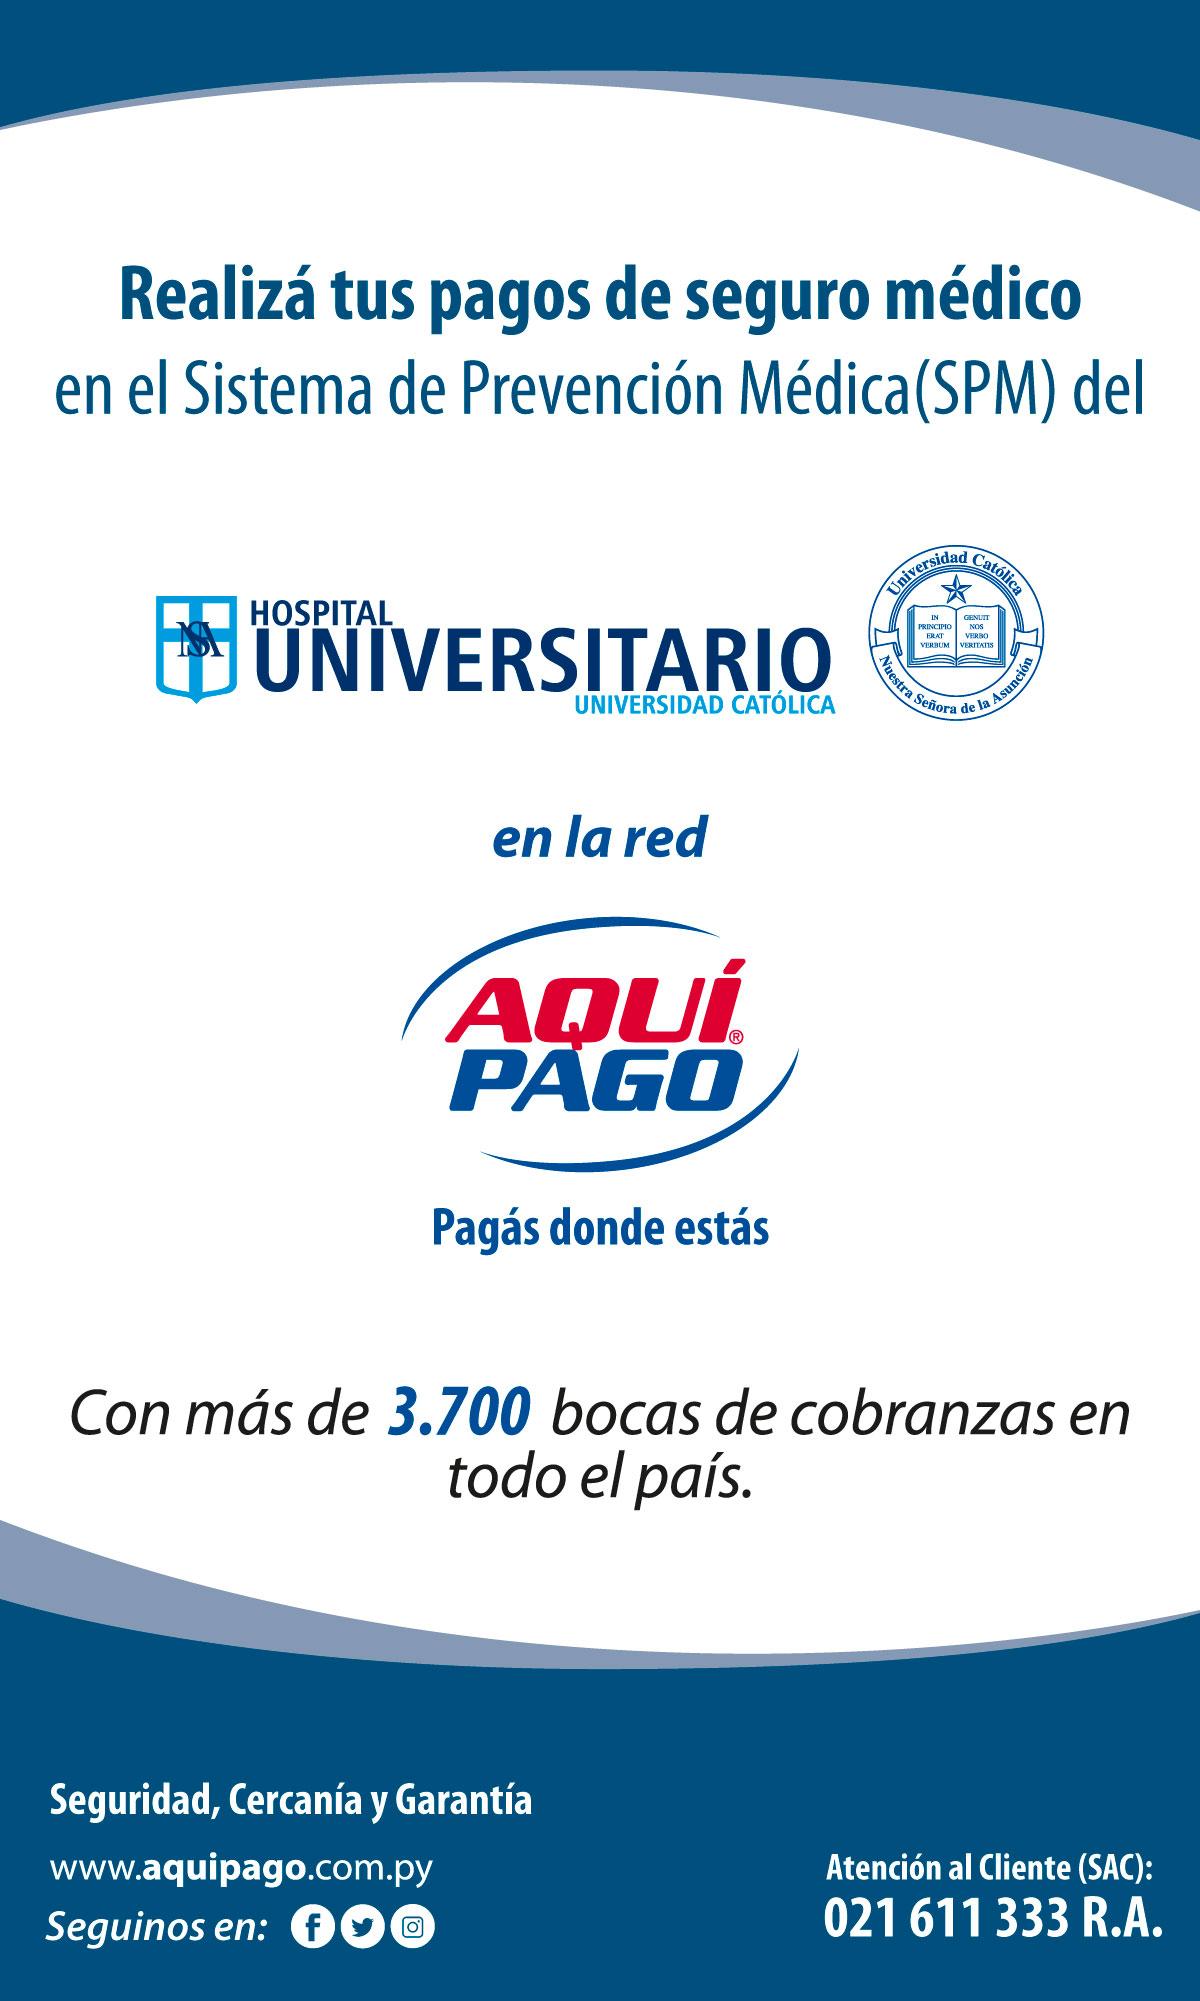 AQUIPAGO: REALIZÁ TUS PAGOS DE SEGURO MÉDICO  EN EL SISTEMA DE PREVENCIÓN MÉDICA (SPM) DEL HOSPITAL UNIVERSITARIO - UNIVERSIDAD CATOLICA